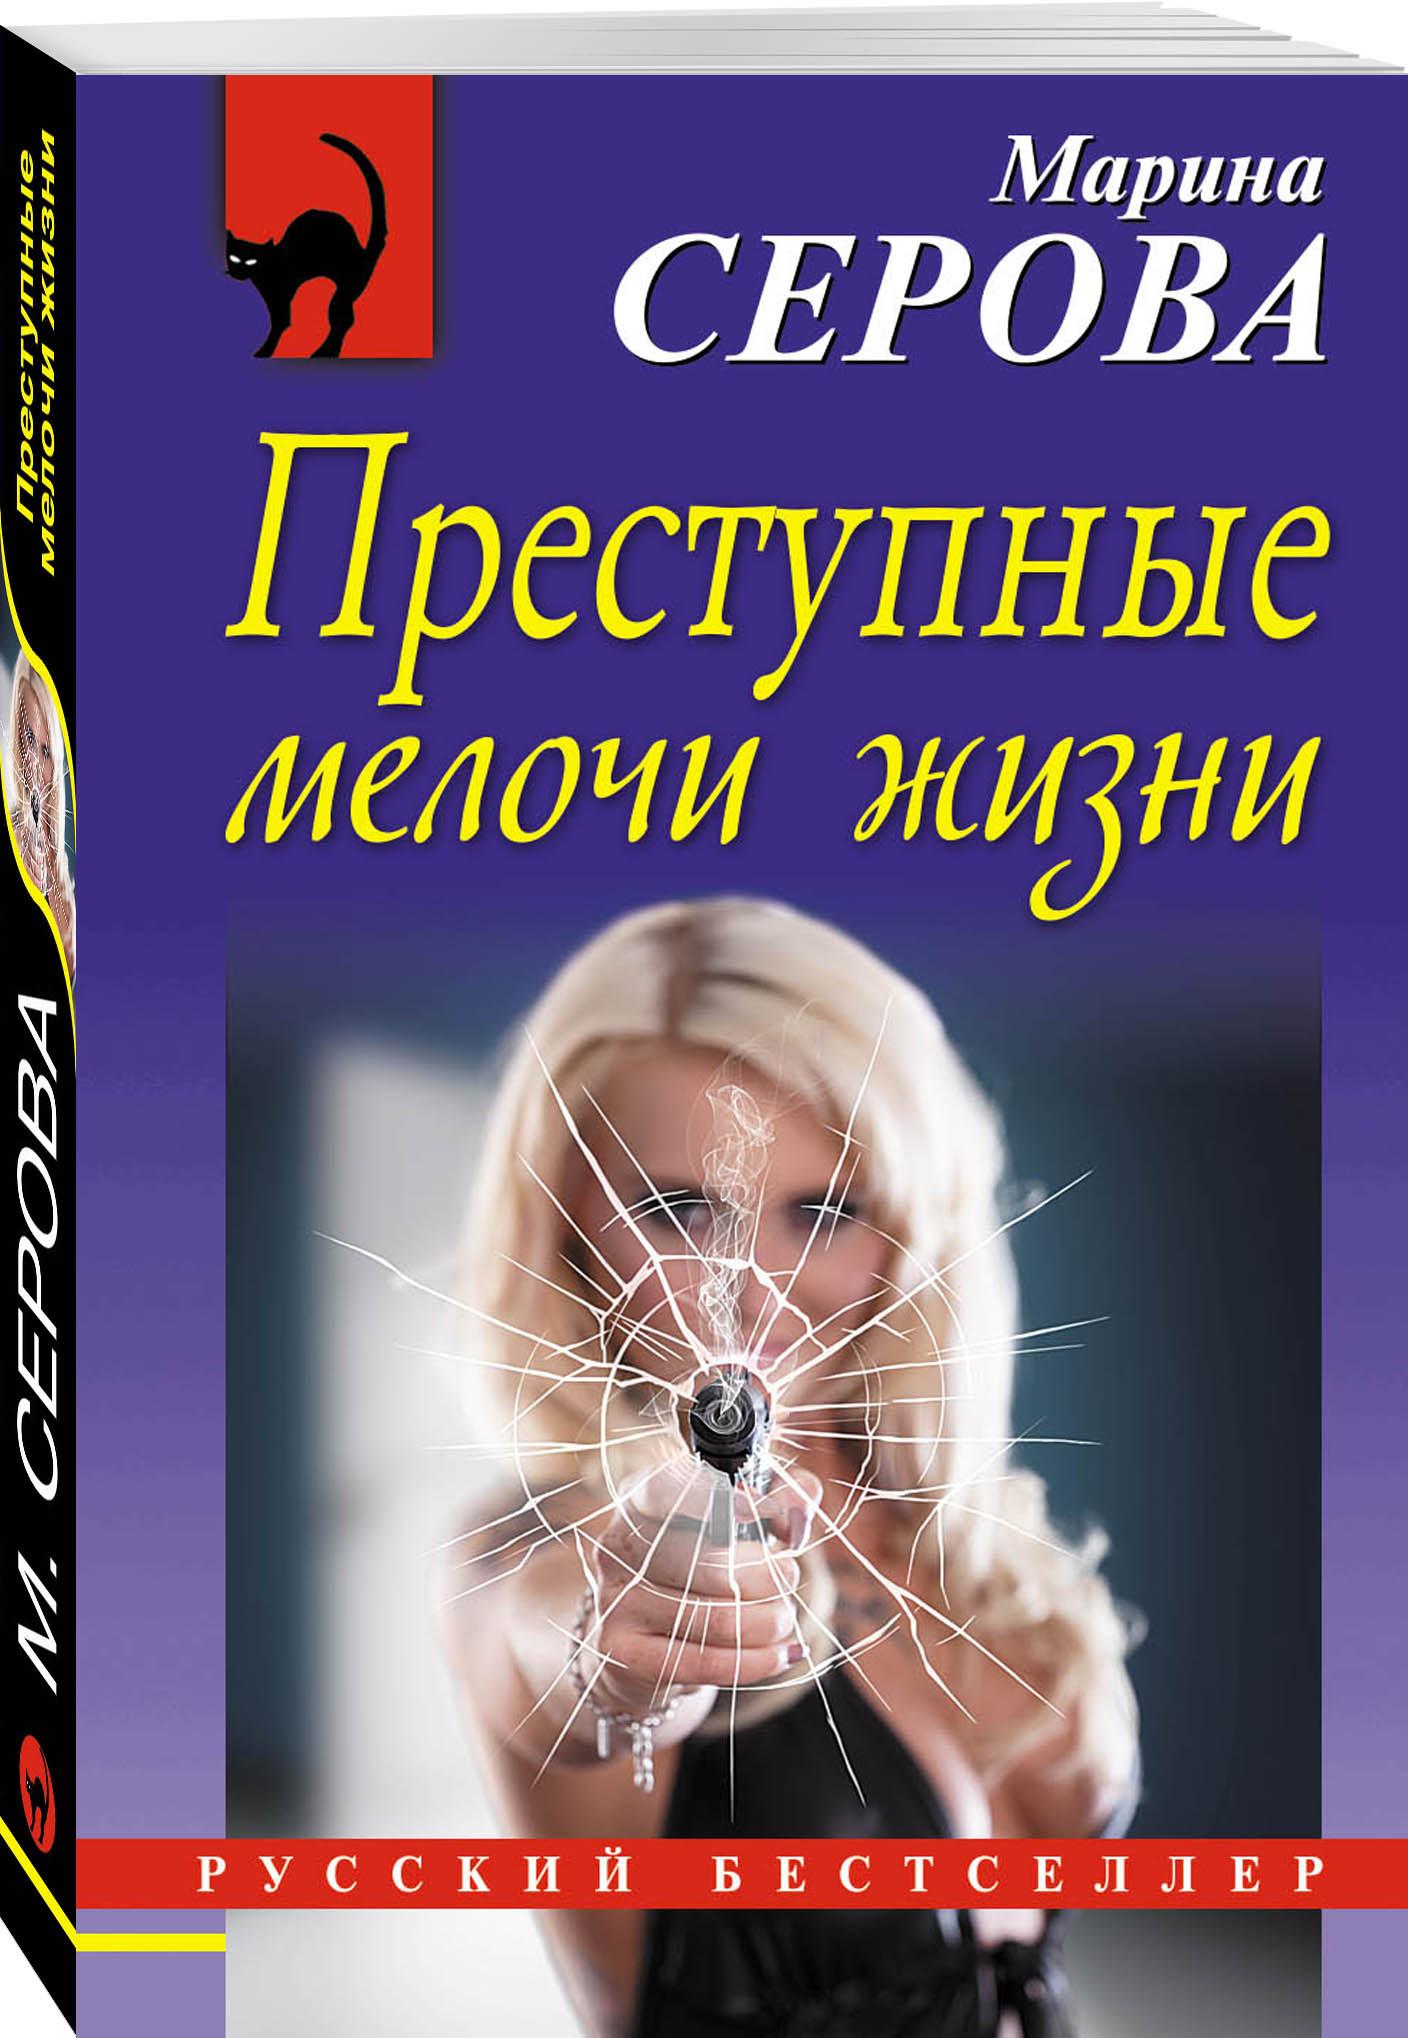 Серова Марина Сергеевна Преступные мелочи жизни цена и фото